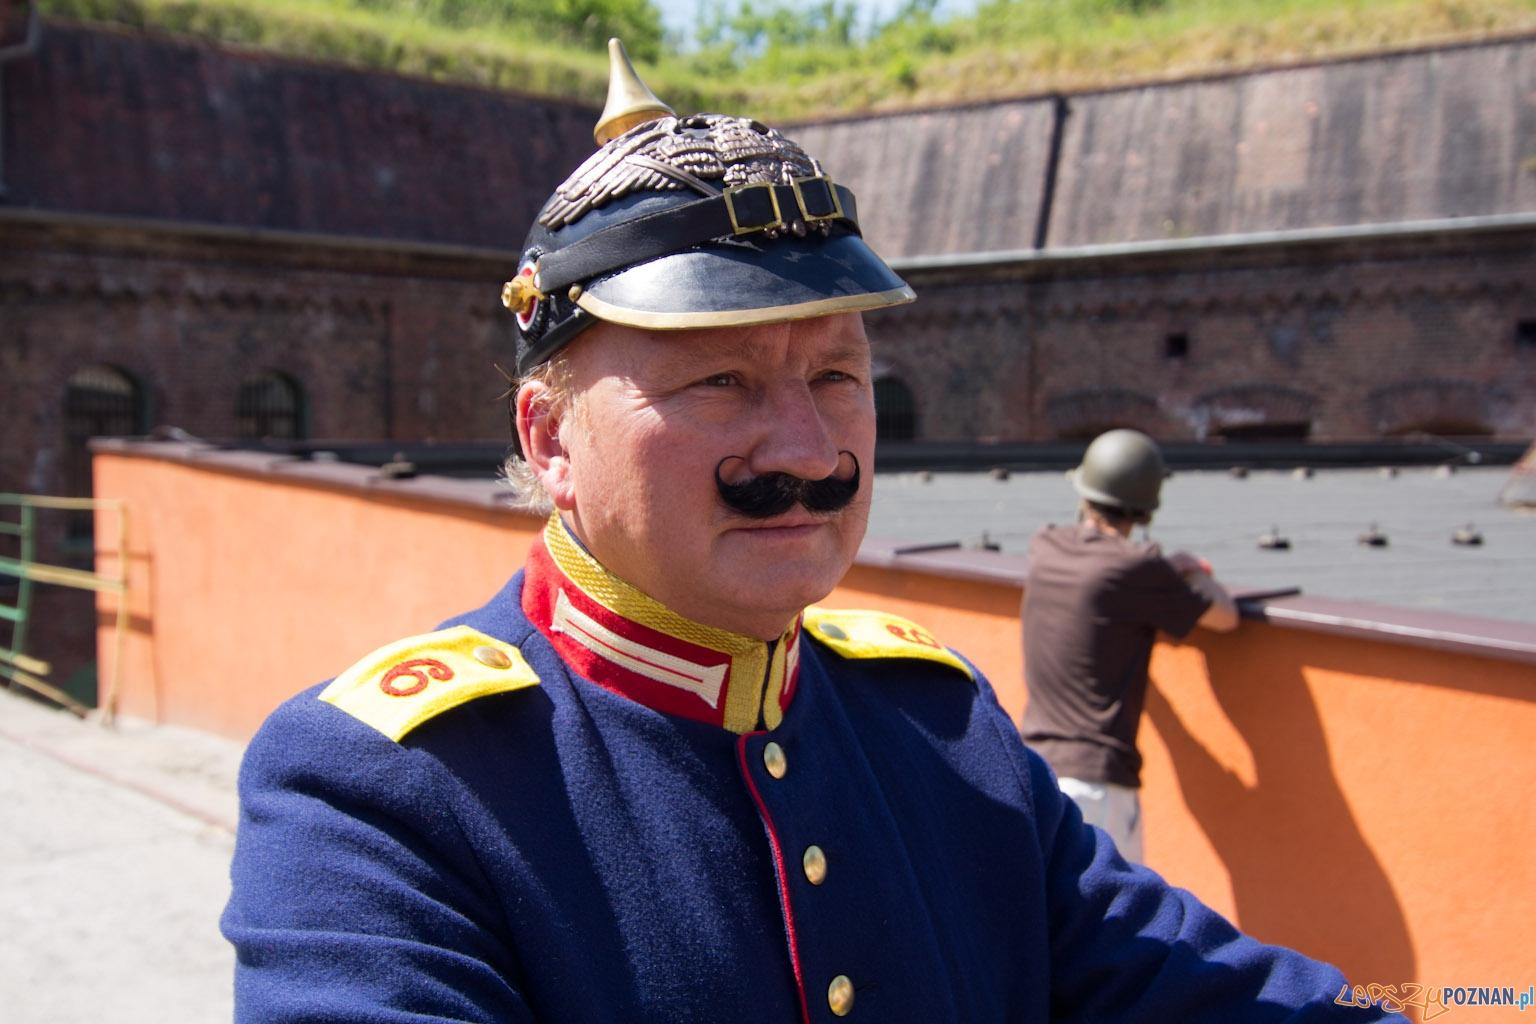 Forteczny weekend  Foto: lepszyPOZNAN.pl / Piotr Rychter